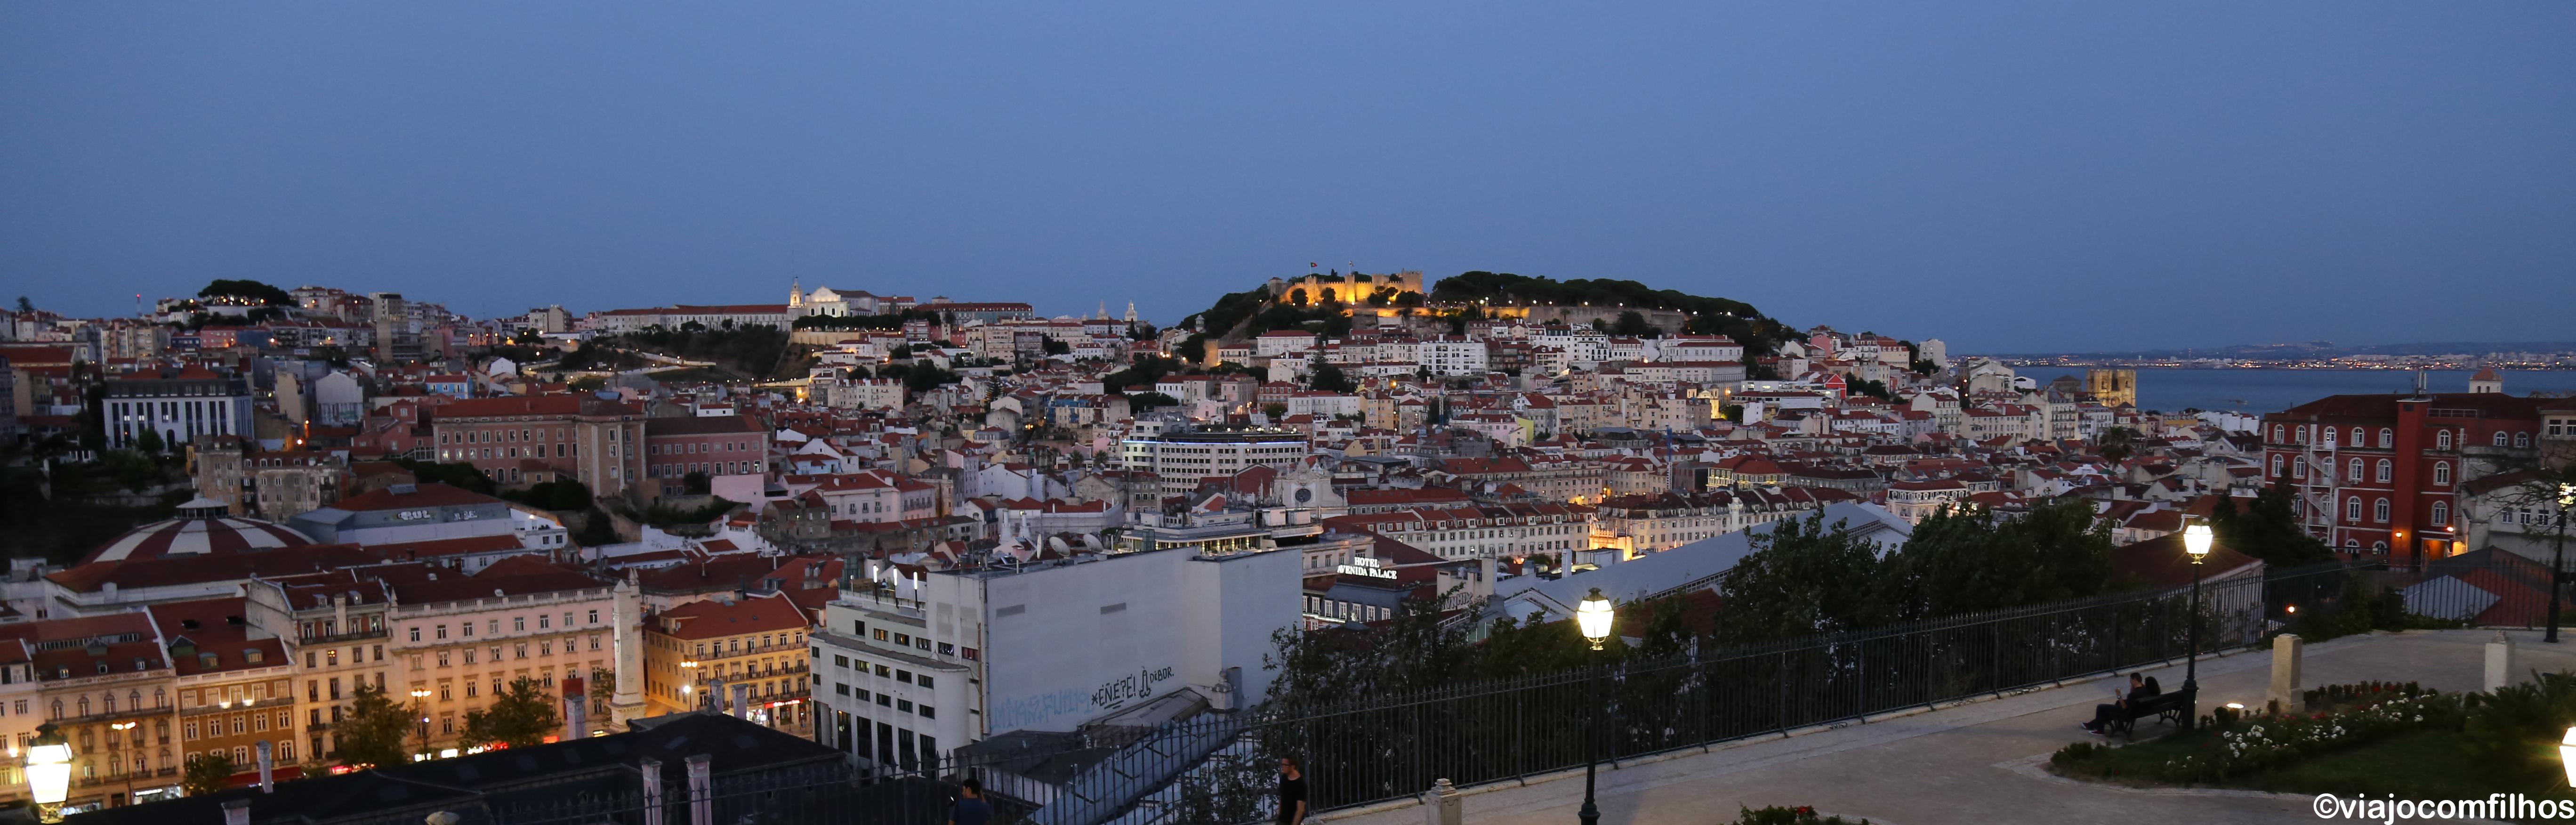 Vista desde o mirador de Sao Pedro de Alcântara para o castelo de Sao Jorge